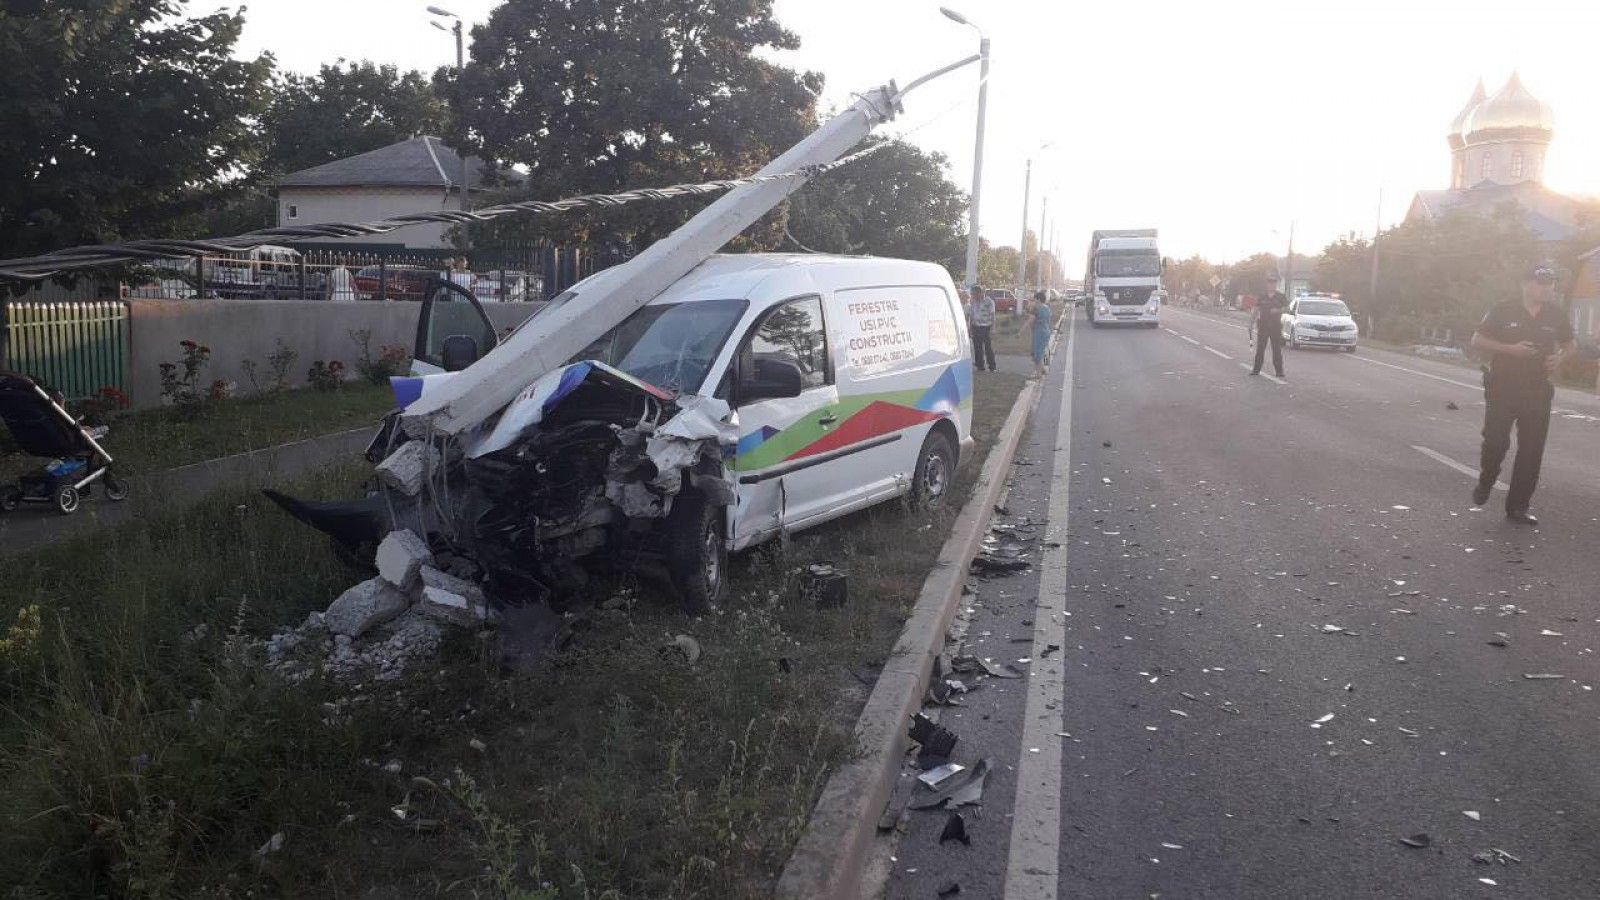 (foto) Accident violent în satul Rublenița: O persoană a fost traumatizată